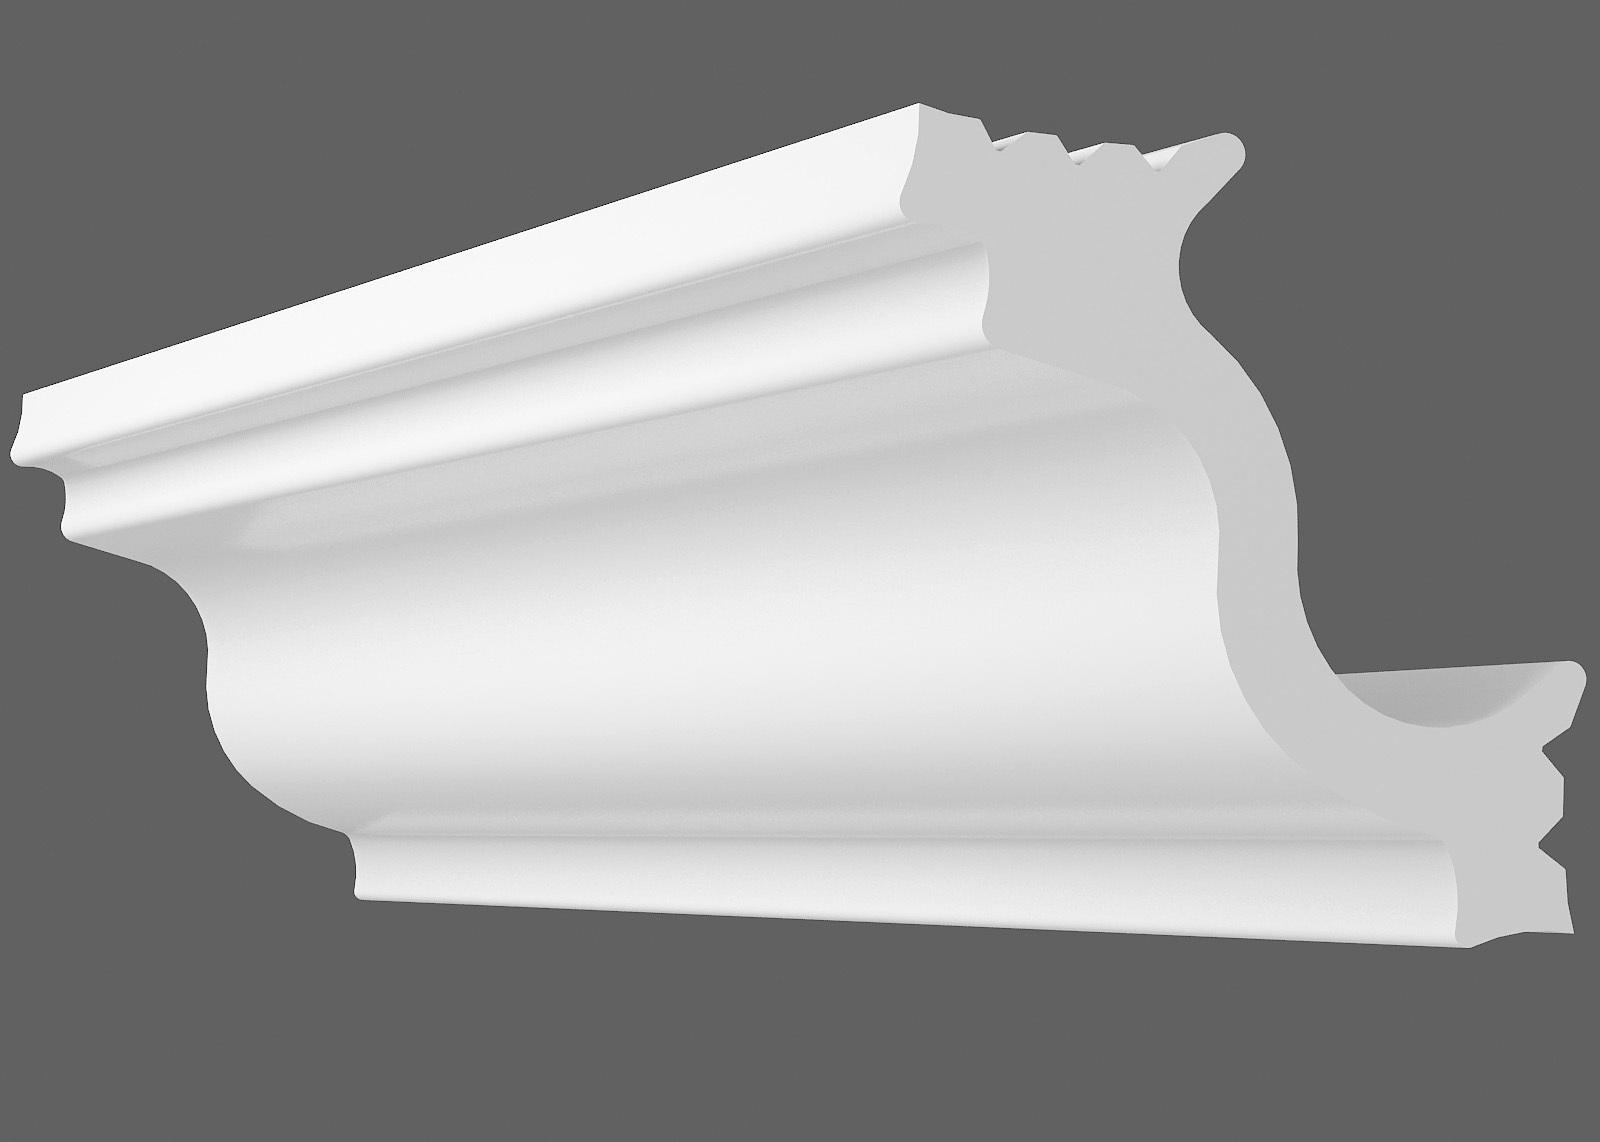 Потолочный плинтус M-40 (Размер:30х30мм)